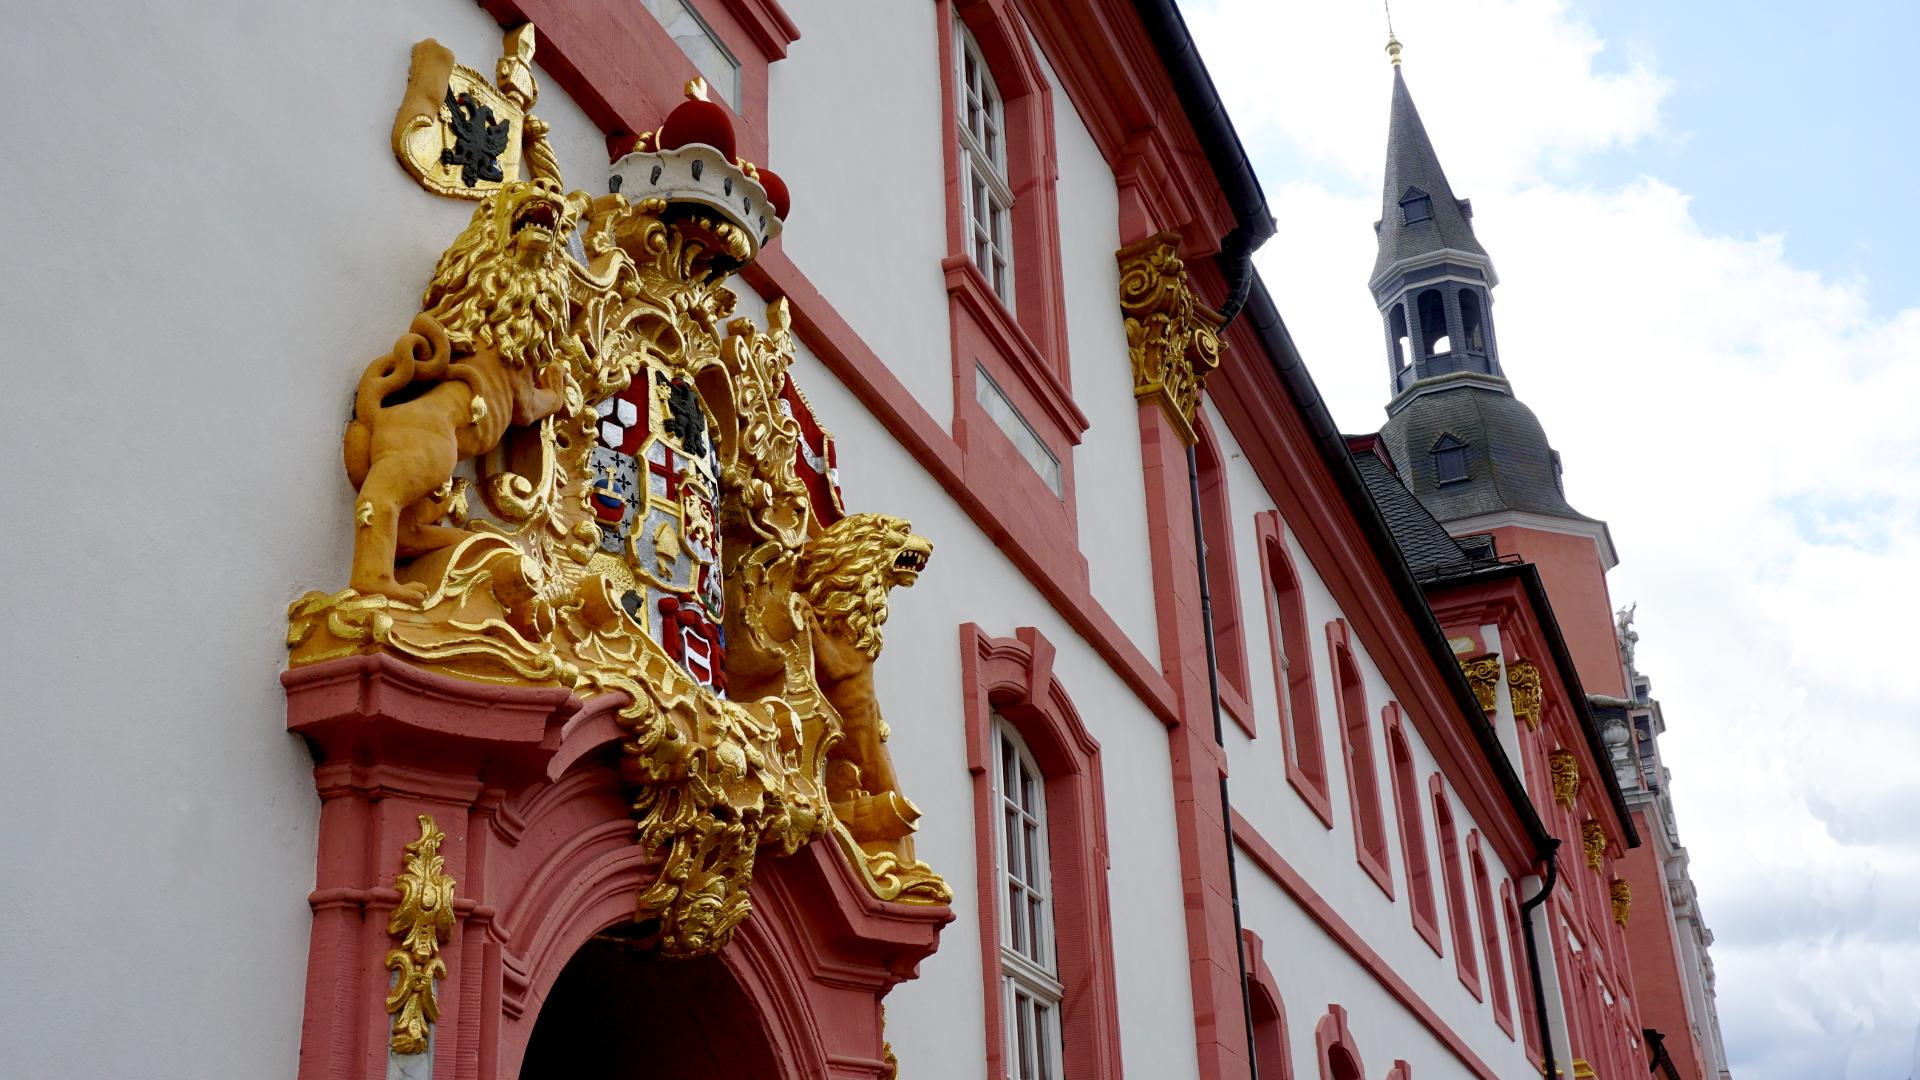 Rokoko Schmuck am Abteigebäude — Reichsabtei Prüm